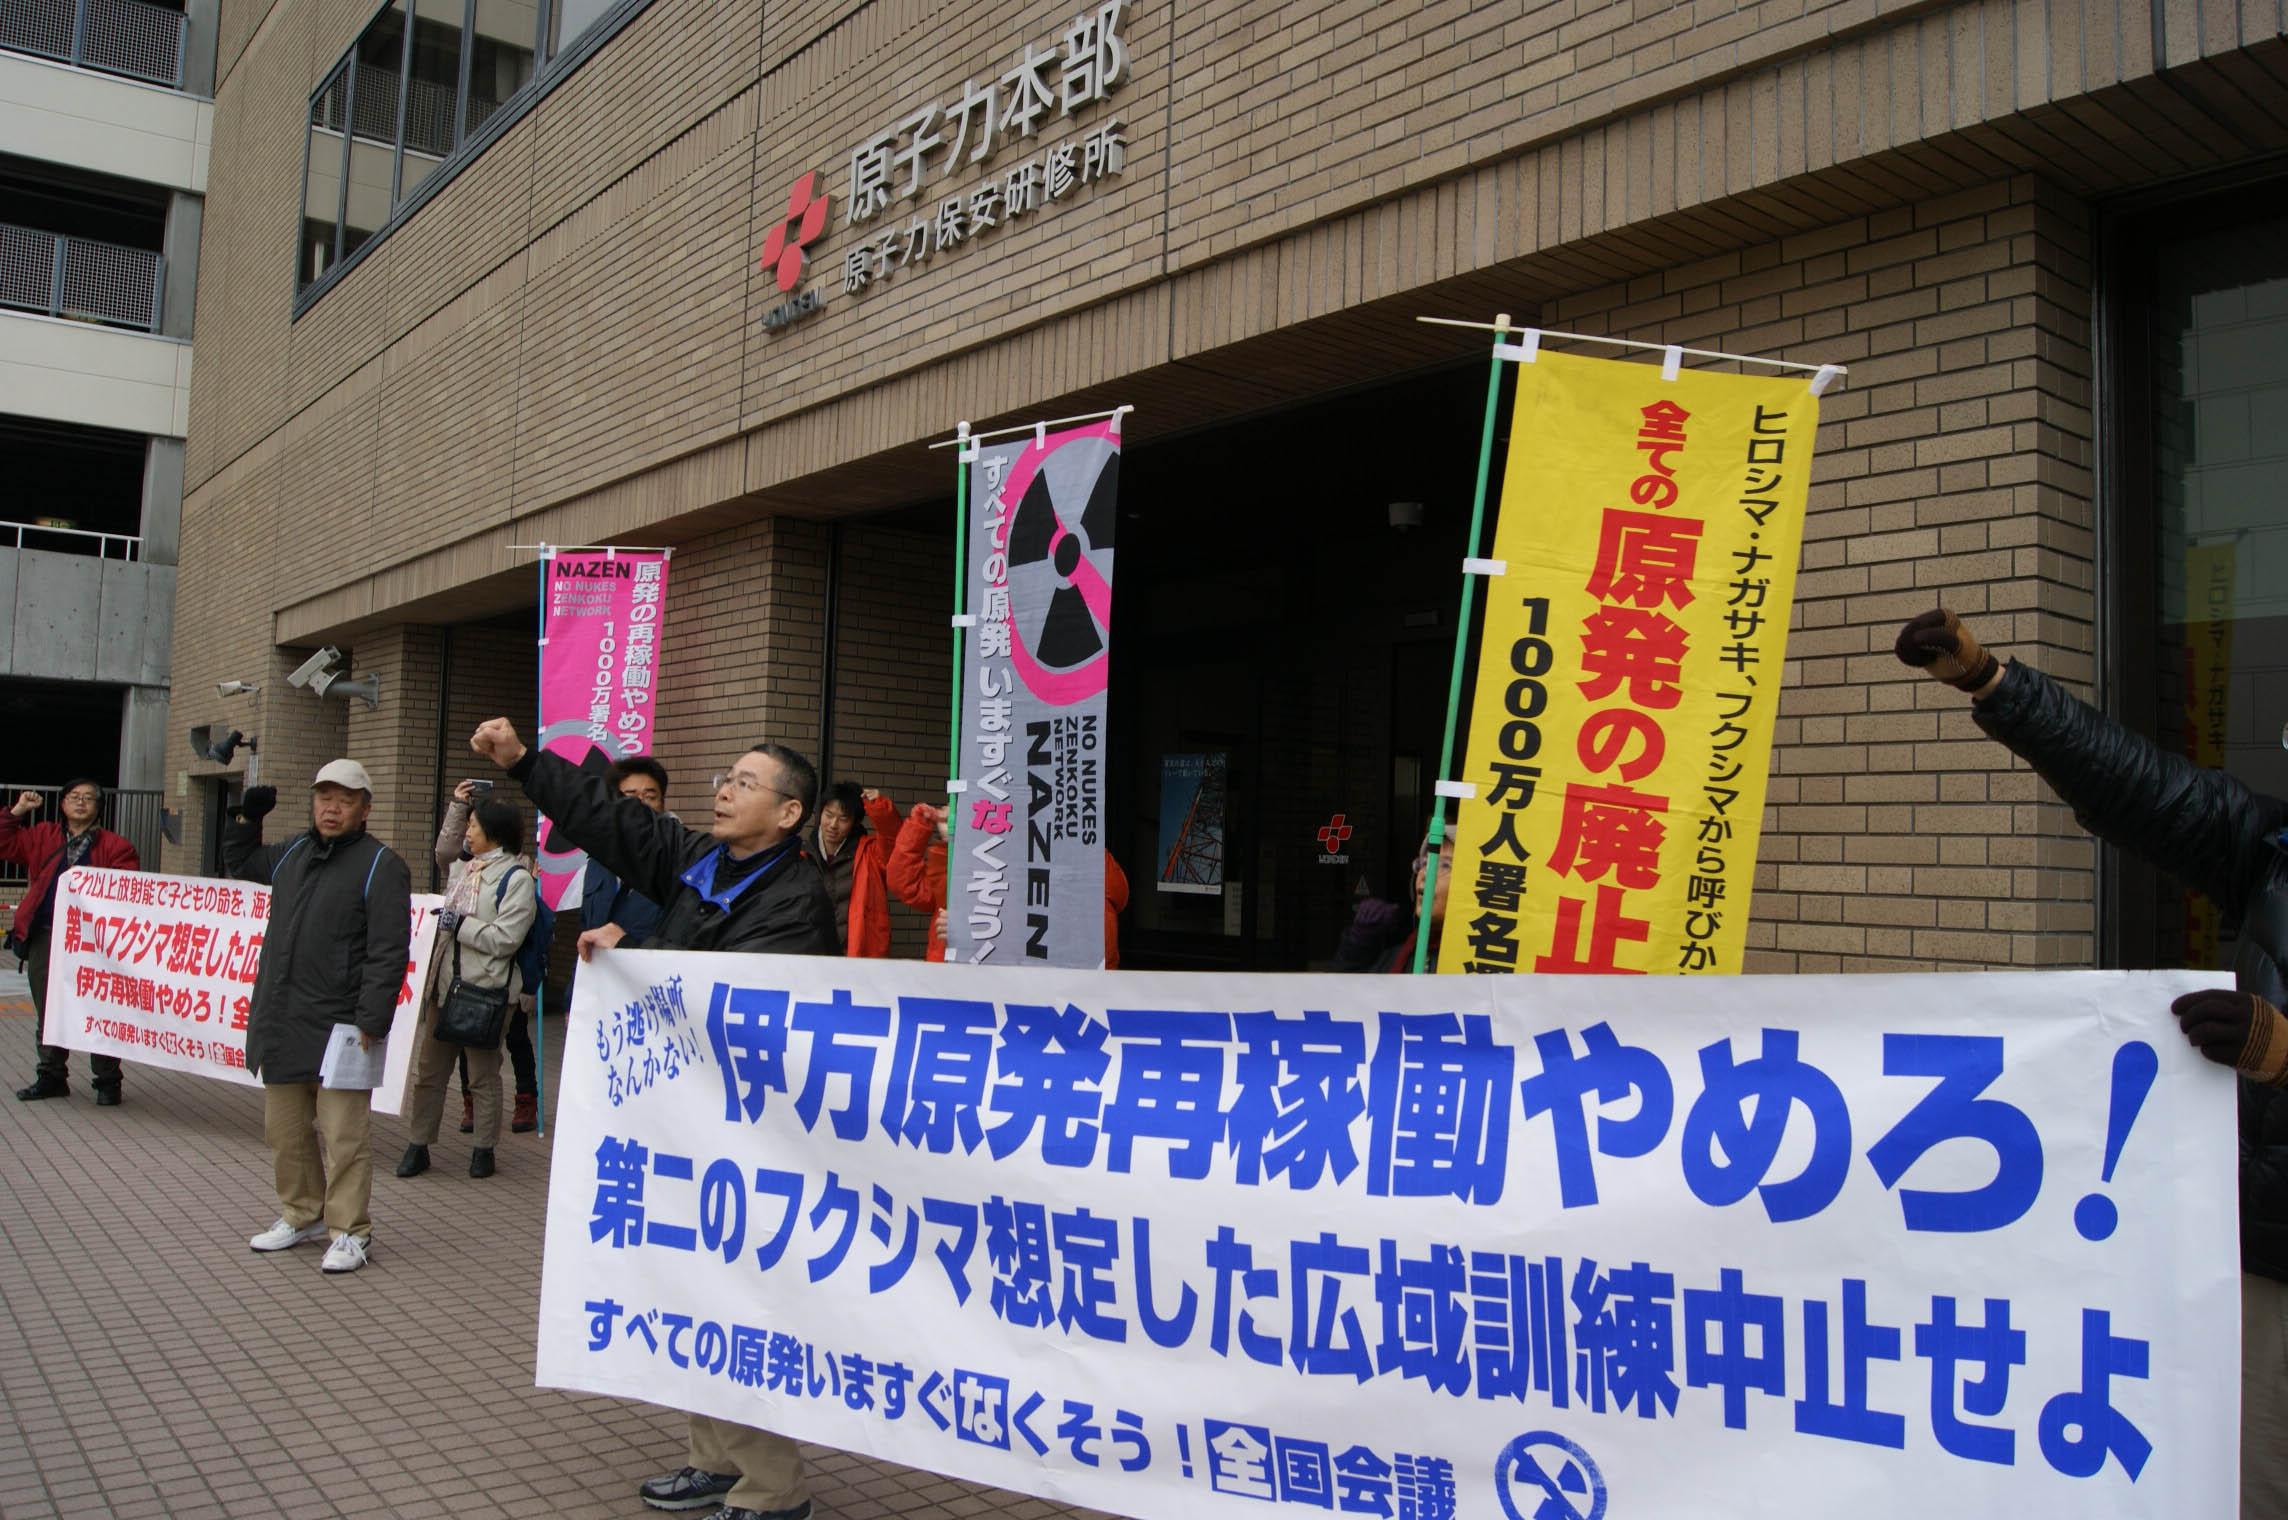 四国電力原子力本部と愛媛県庁へ伊方原発再稼働のための訓練に抗議する申し入れを行った_d0155415_2128319.jpg